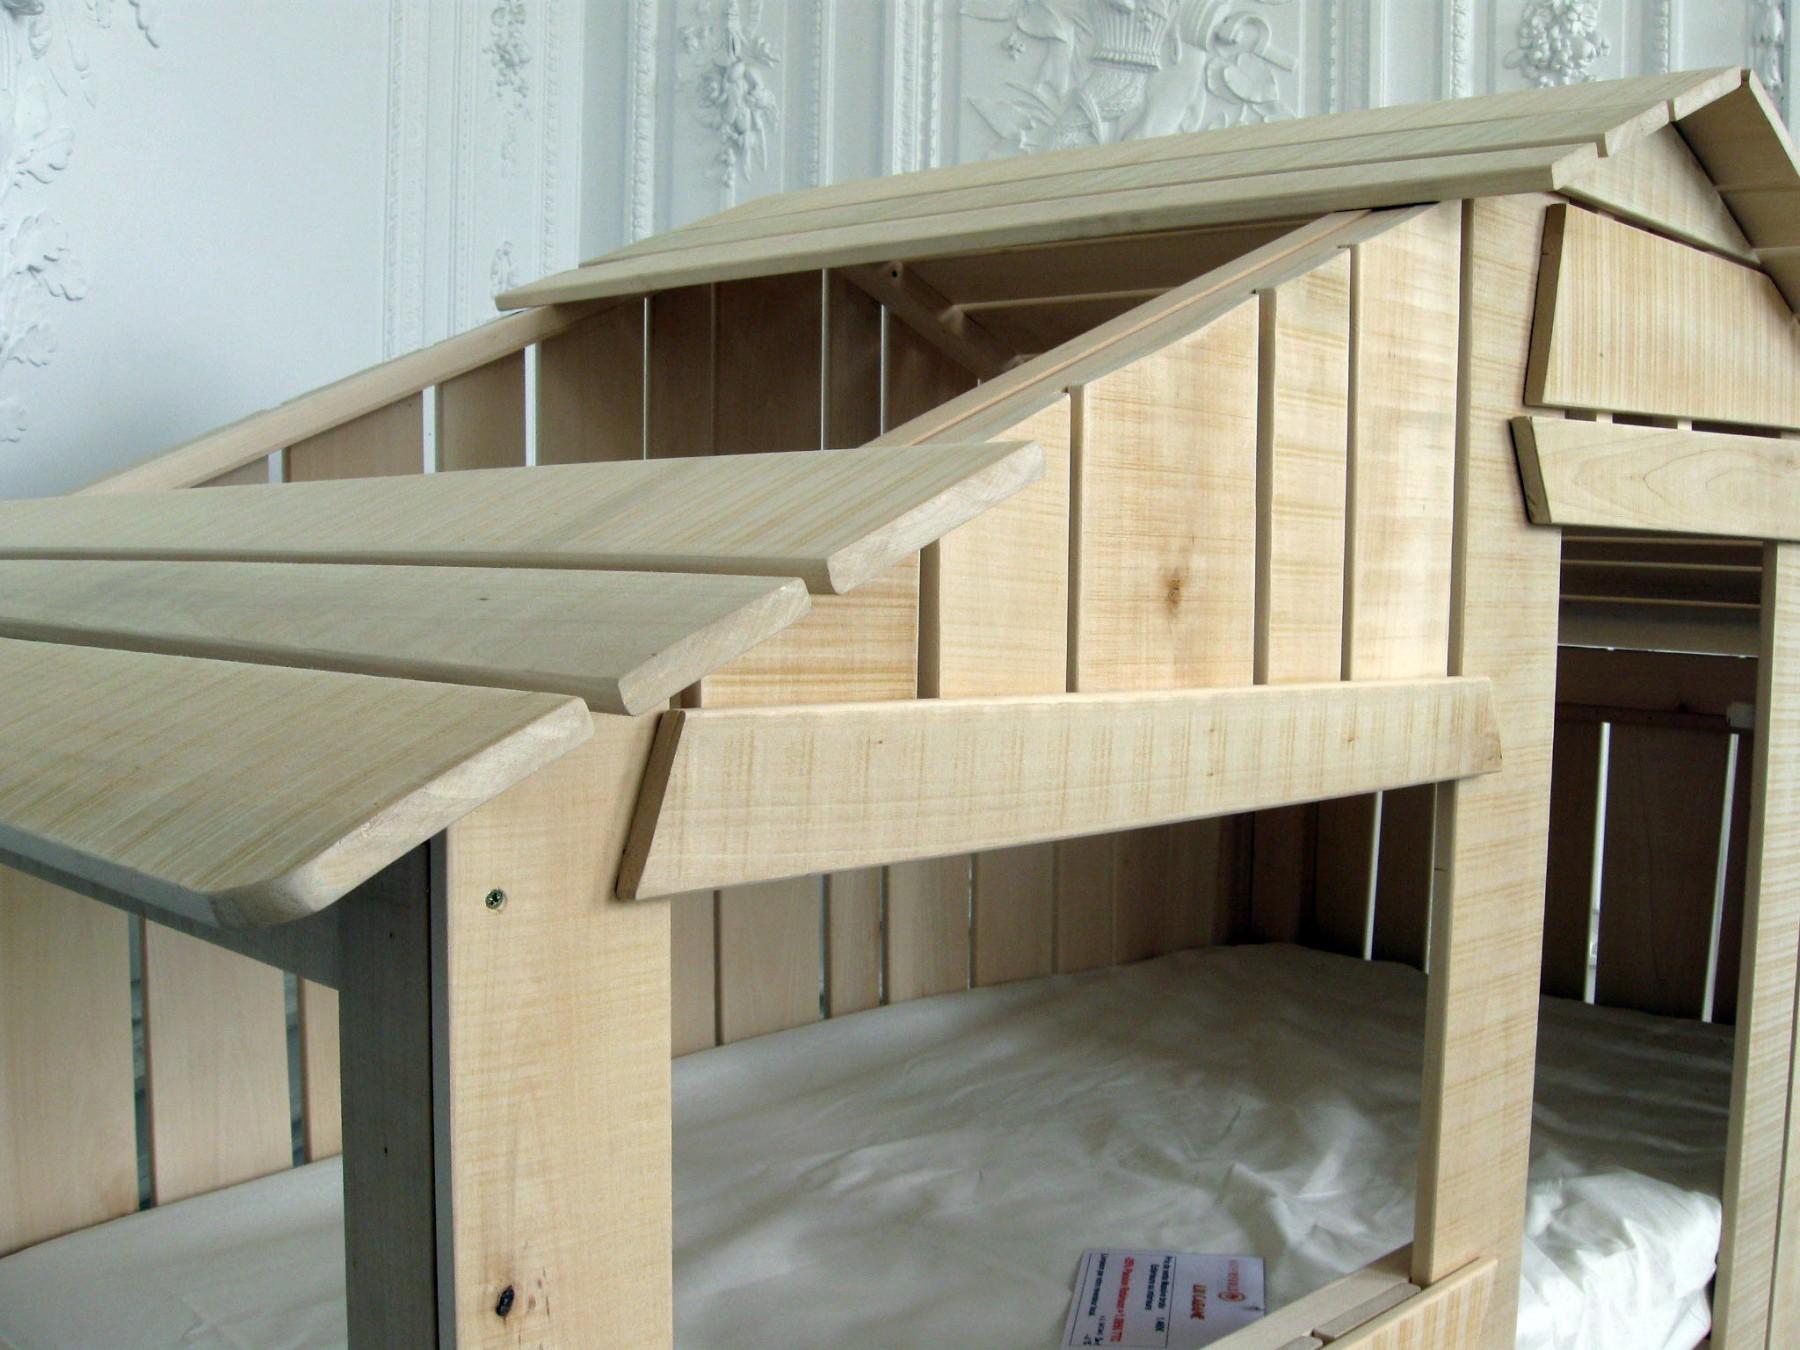 lit cabane enfant double couchage en bois vernis naturel